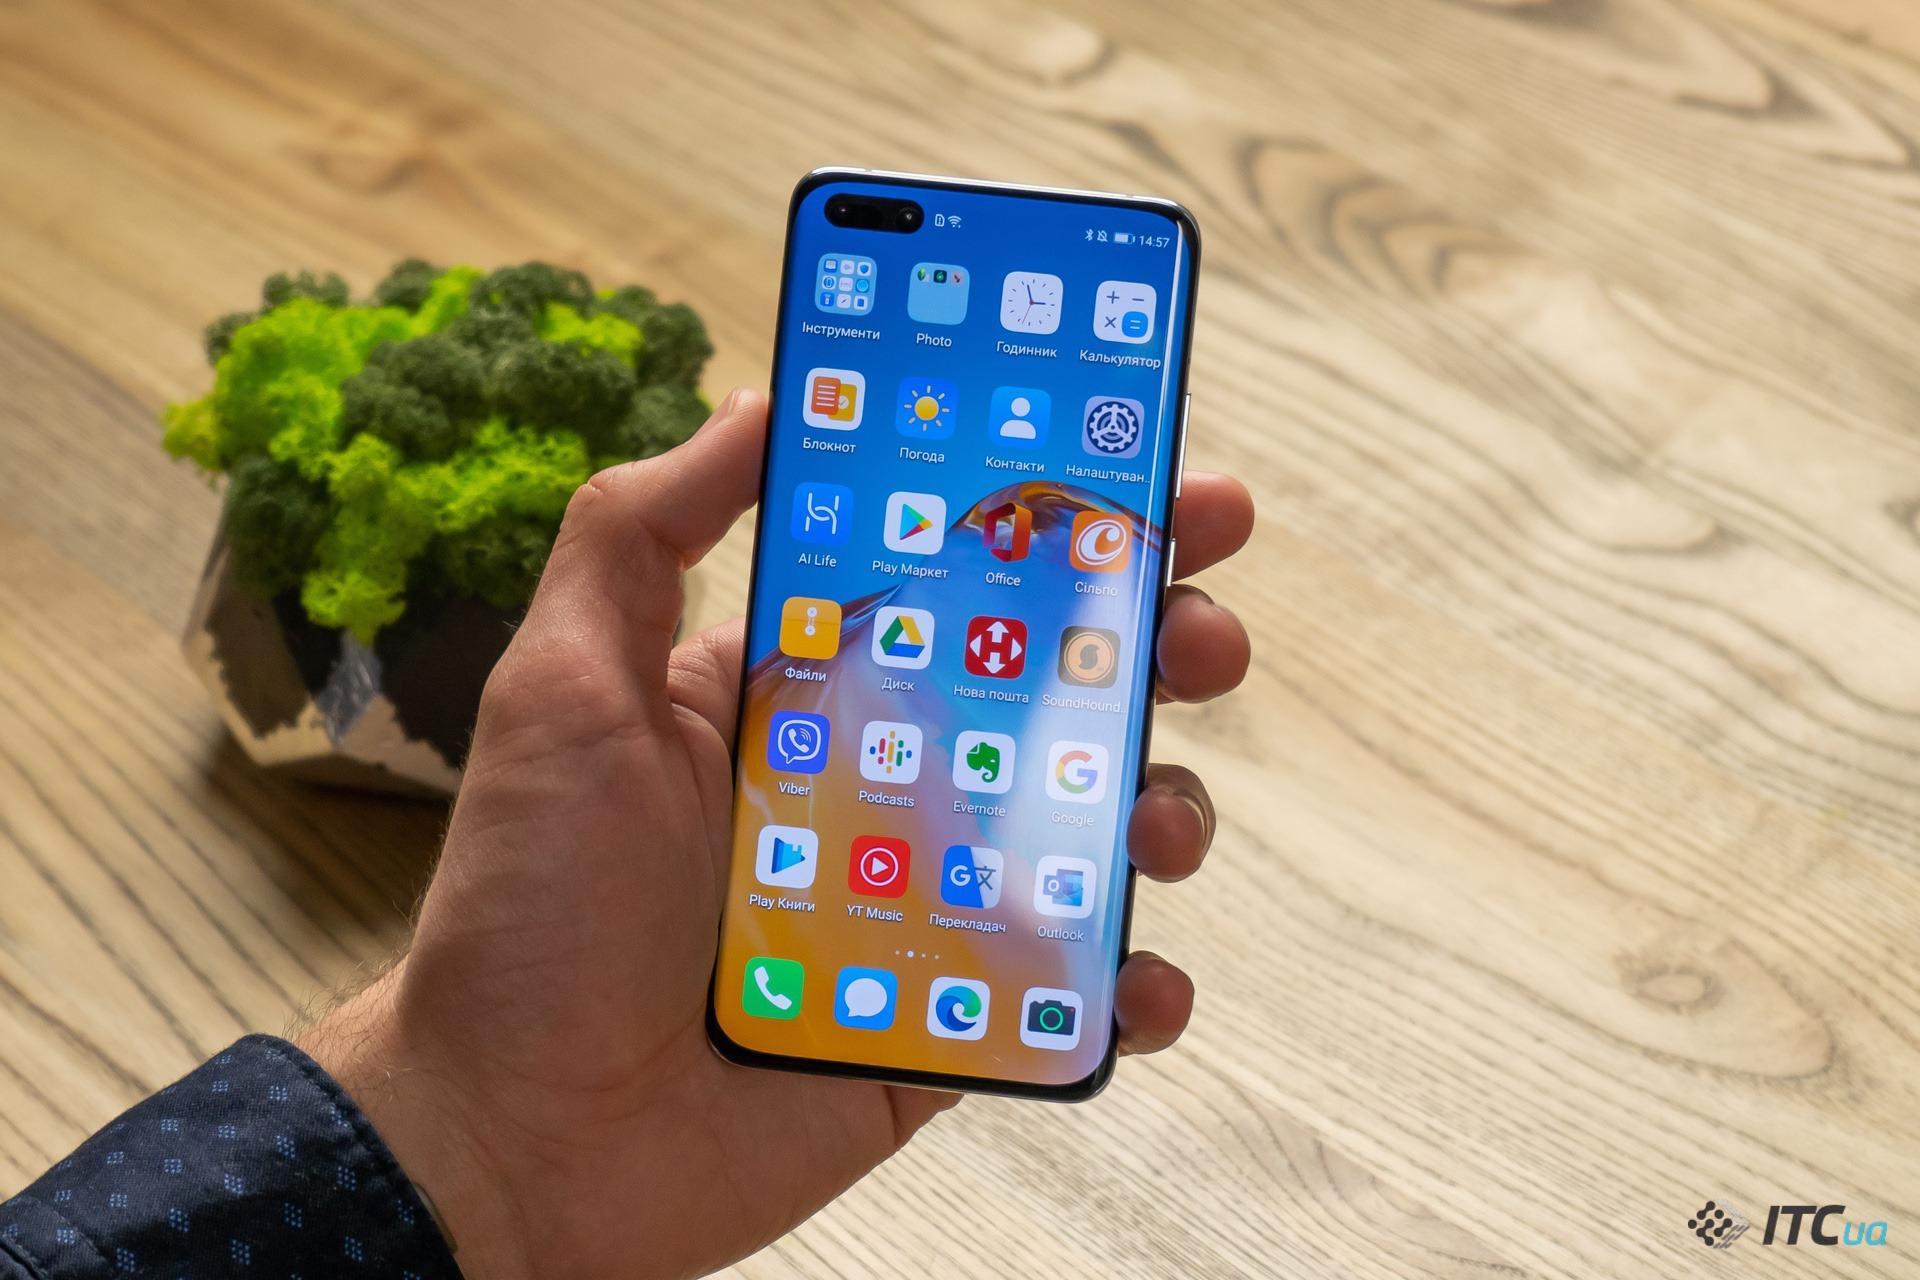 Продажи смартфонов Huawei в Западной Европе обвалились почти на 60% а OPPO — выросли в 5,7 раза